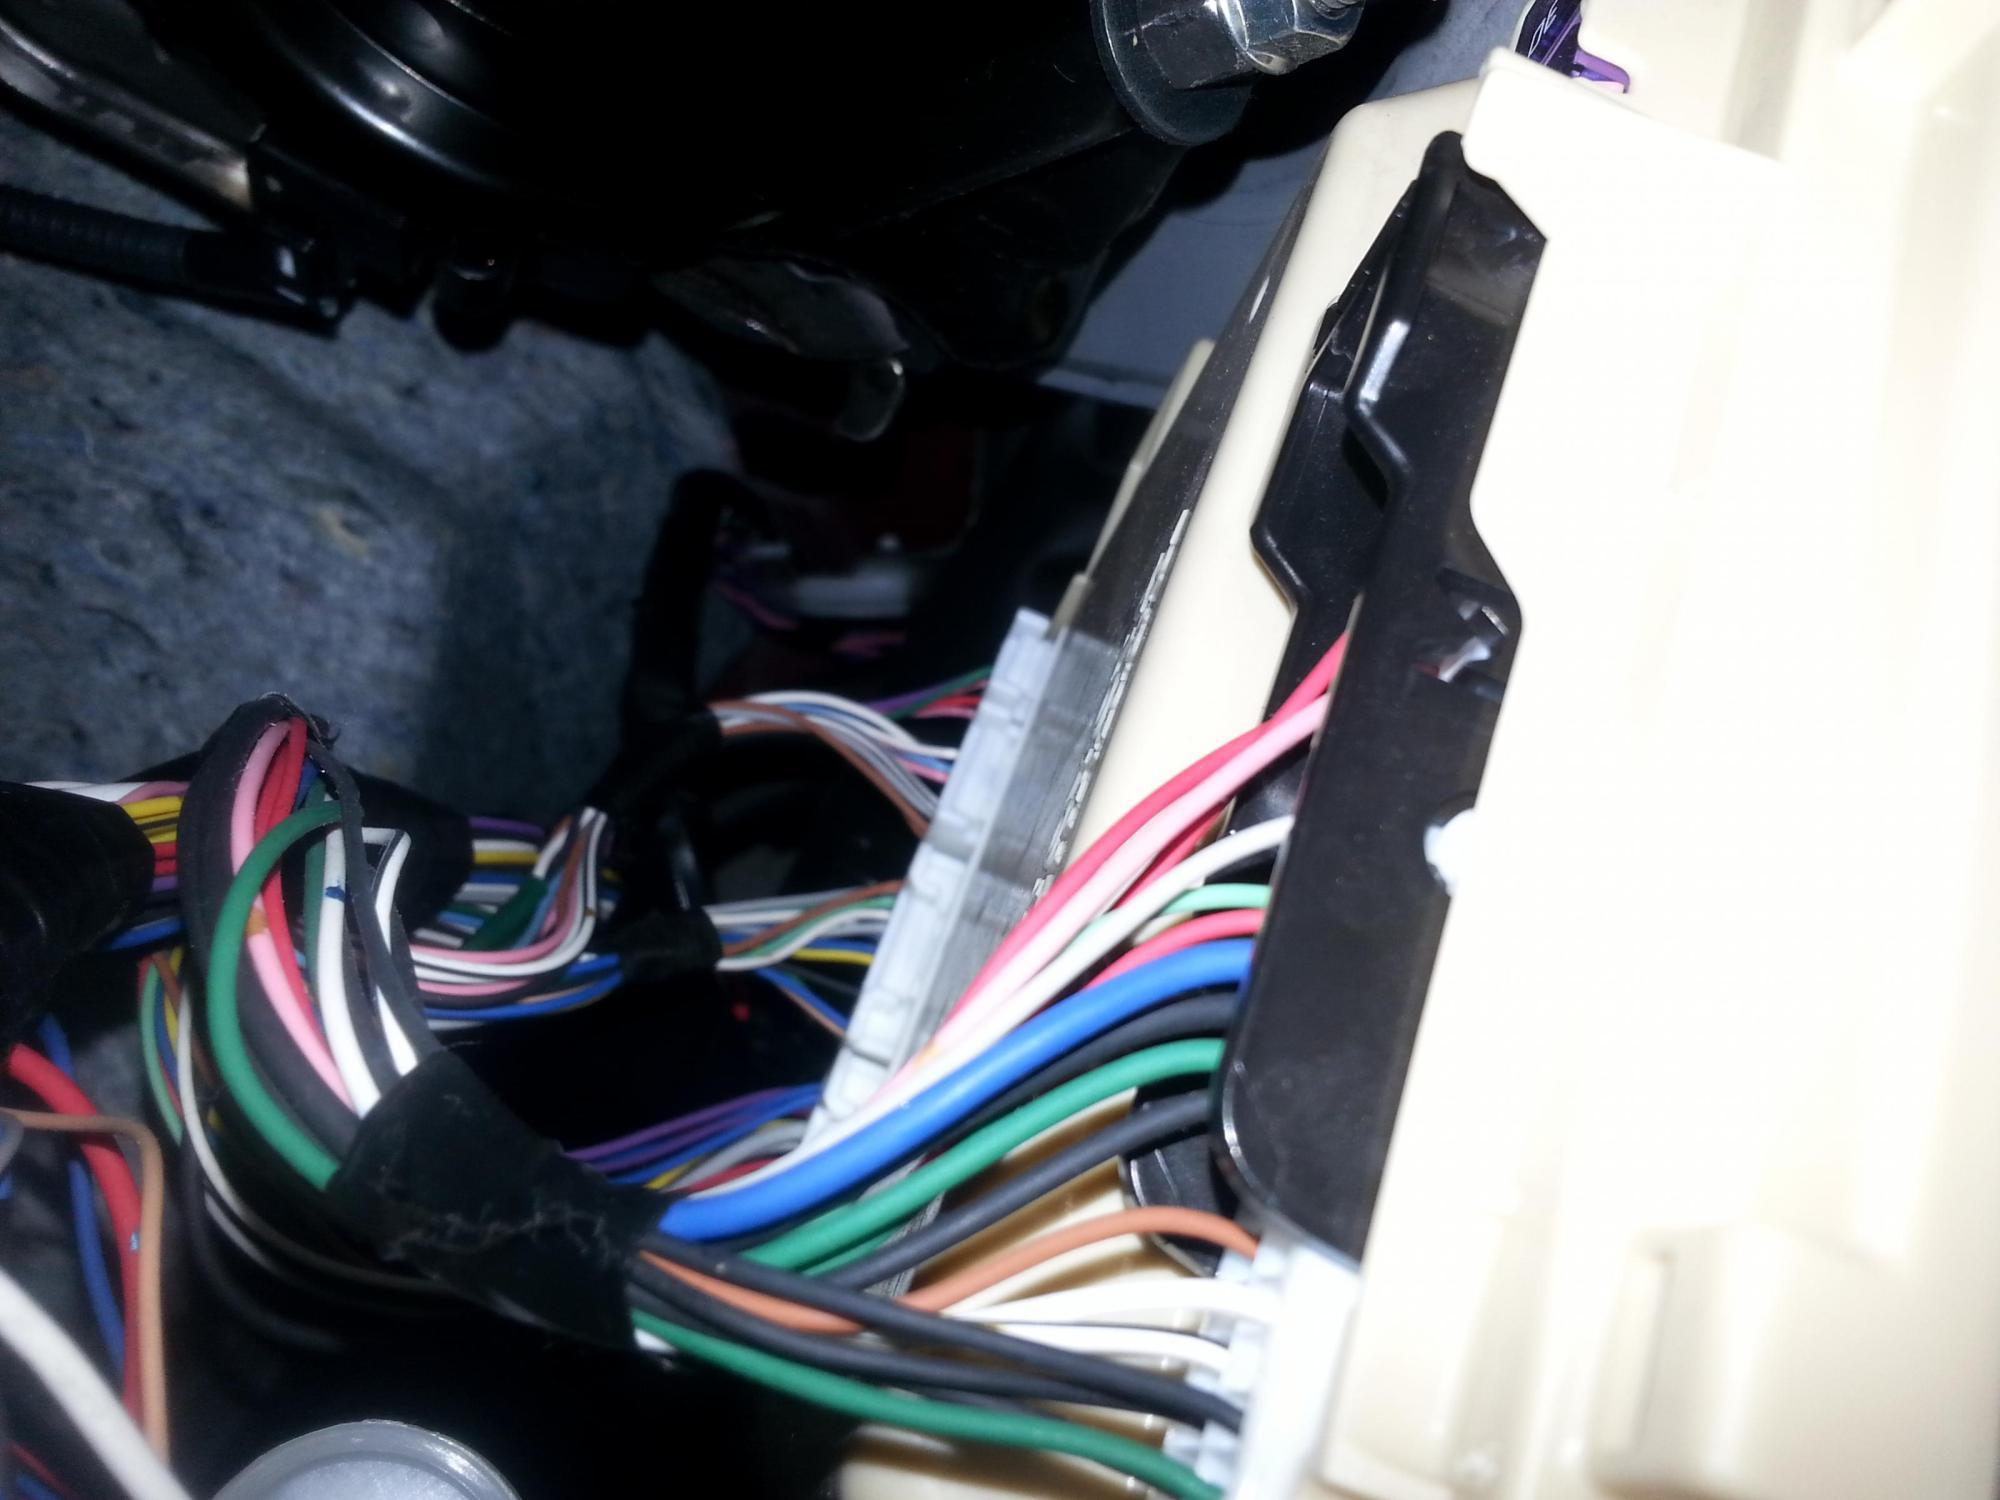 hight resolution of installed jl audio w6 subwoofer in 07 lexus es350 20140823 111901 jpg